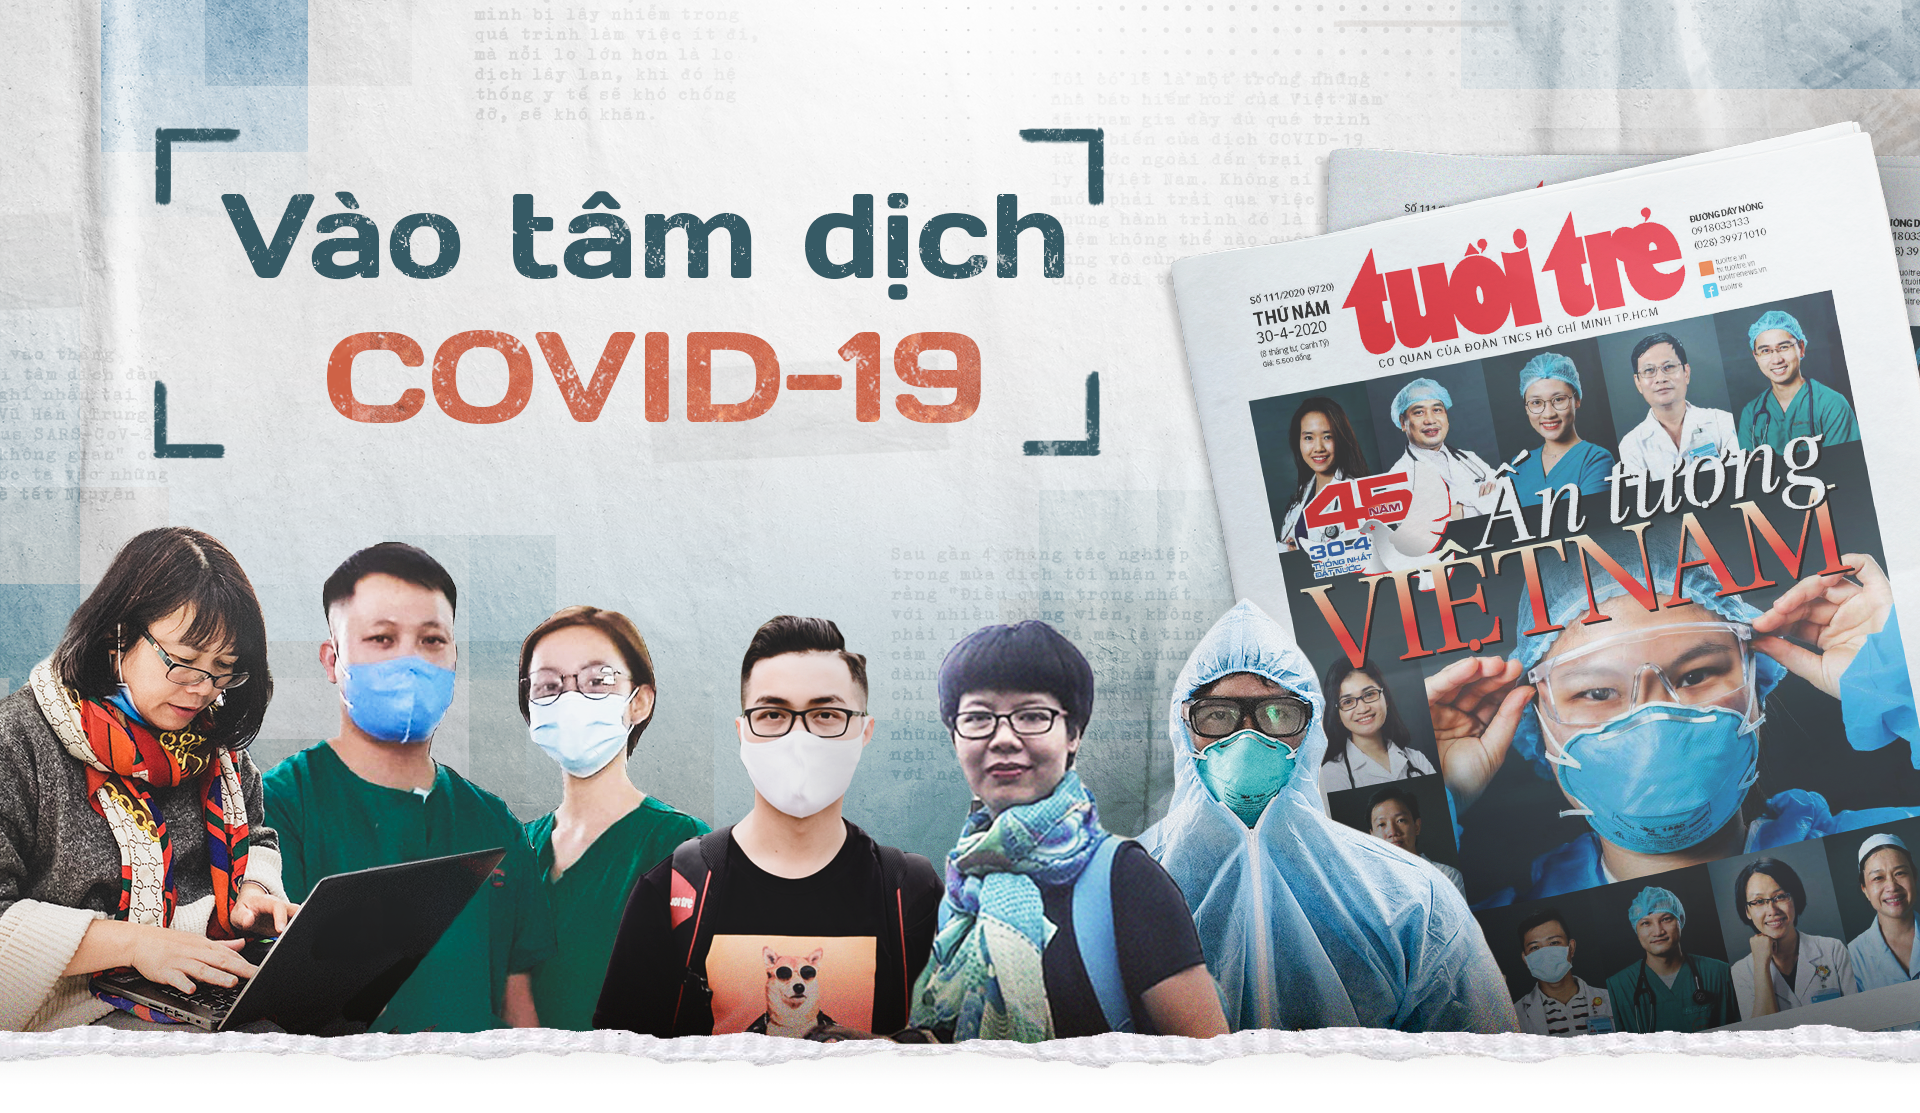 Vào tâm dịch COVID-19